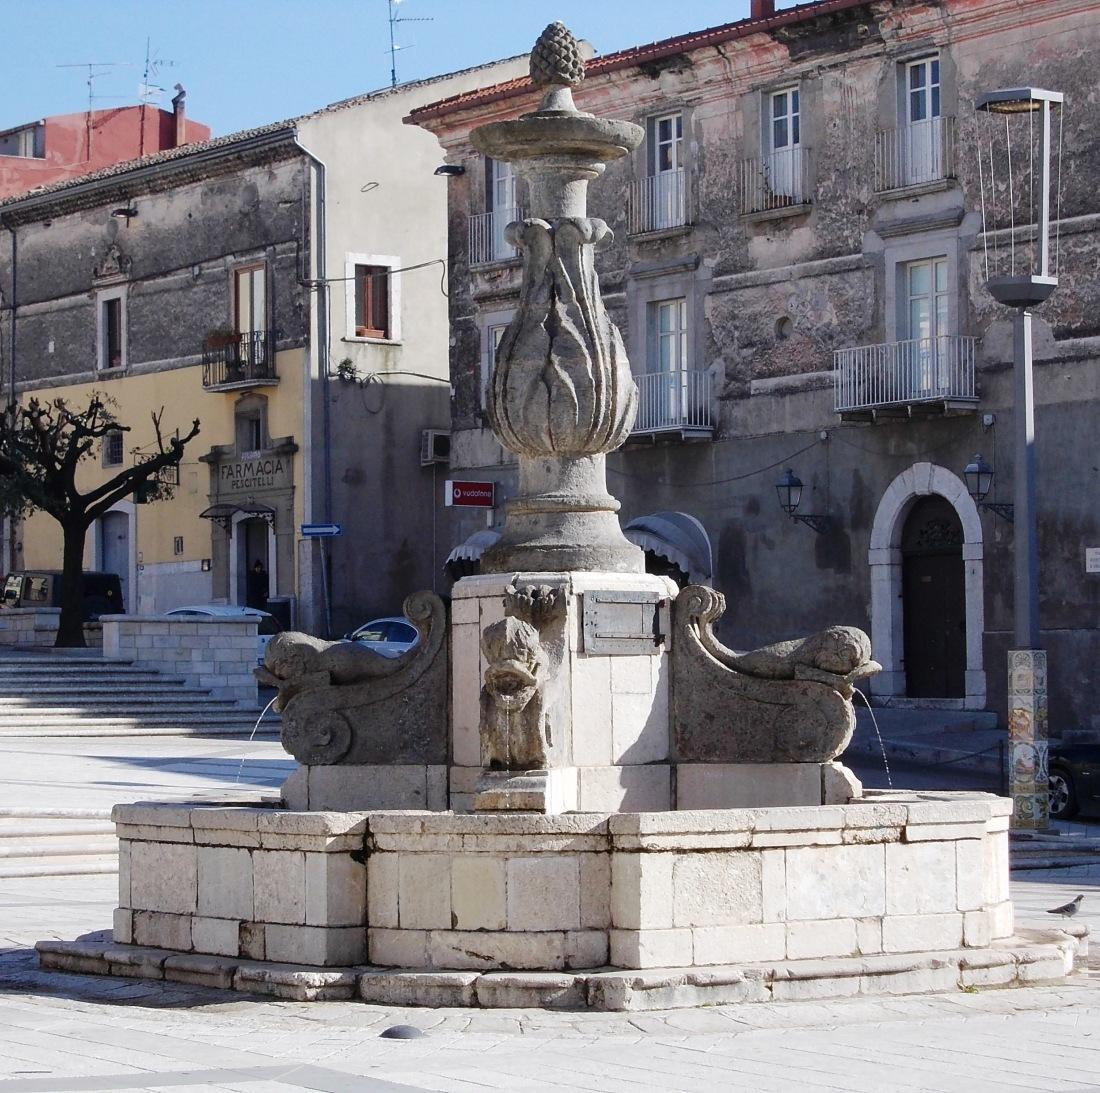 Fontana_dei_delfini_Cerreto_Sannita